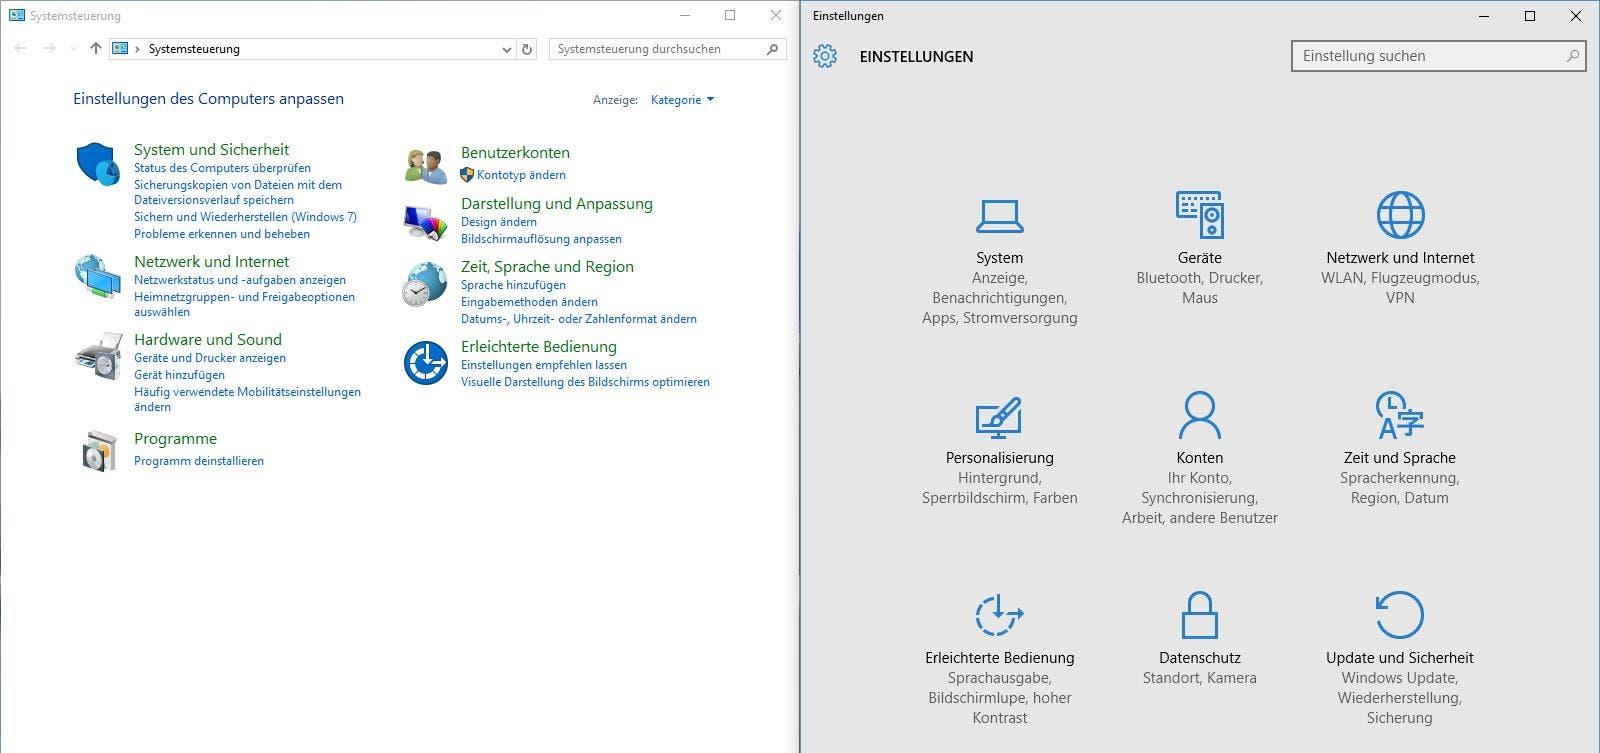 Windows 10 Systemsteuerung und Einstellungen